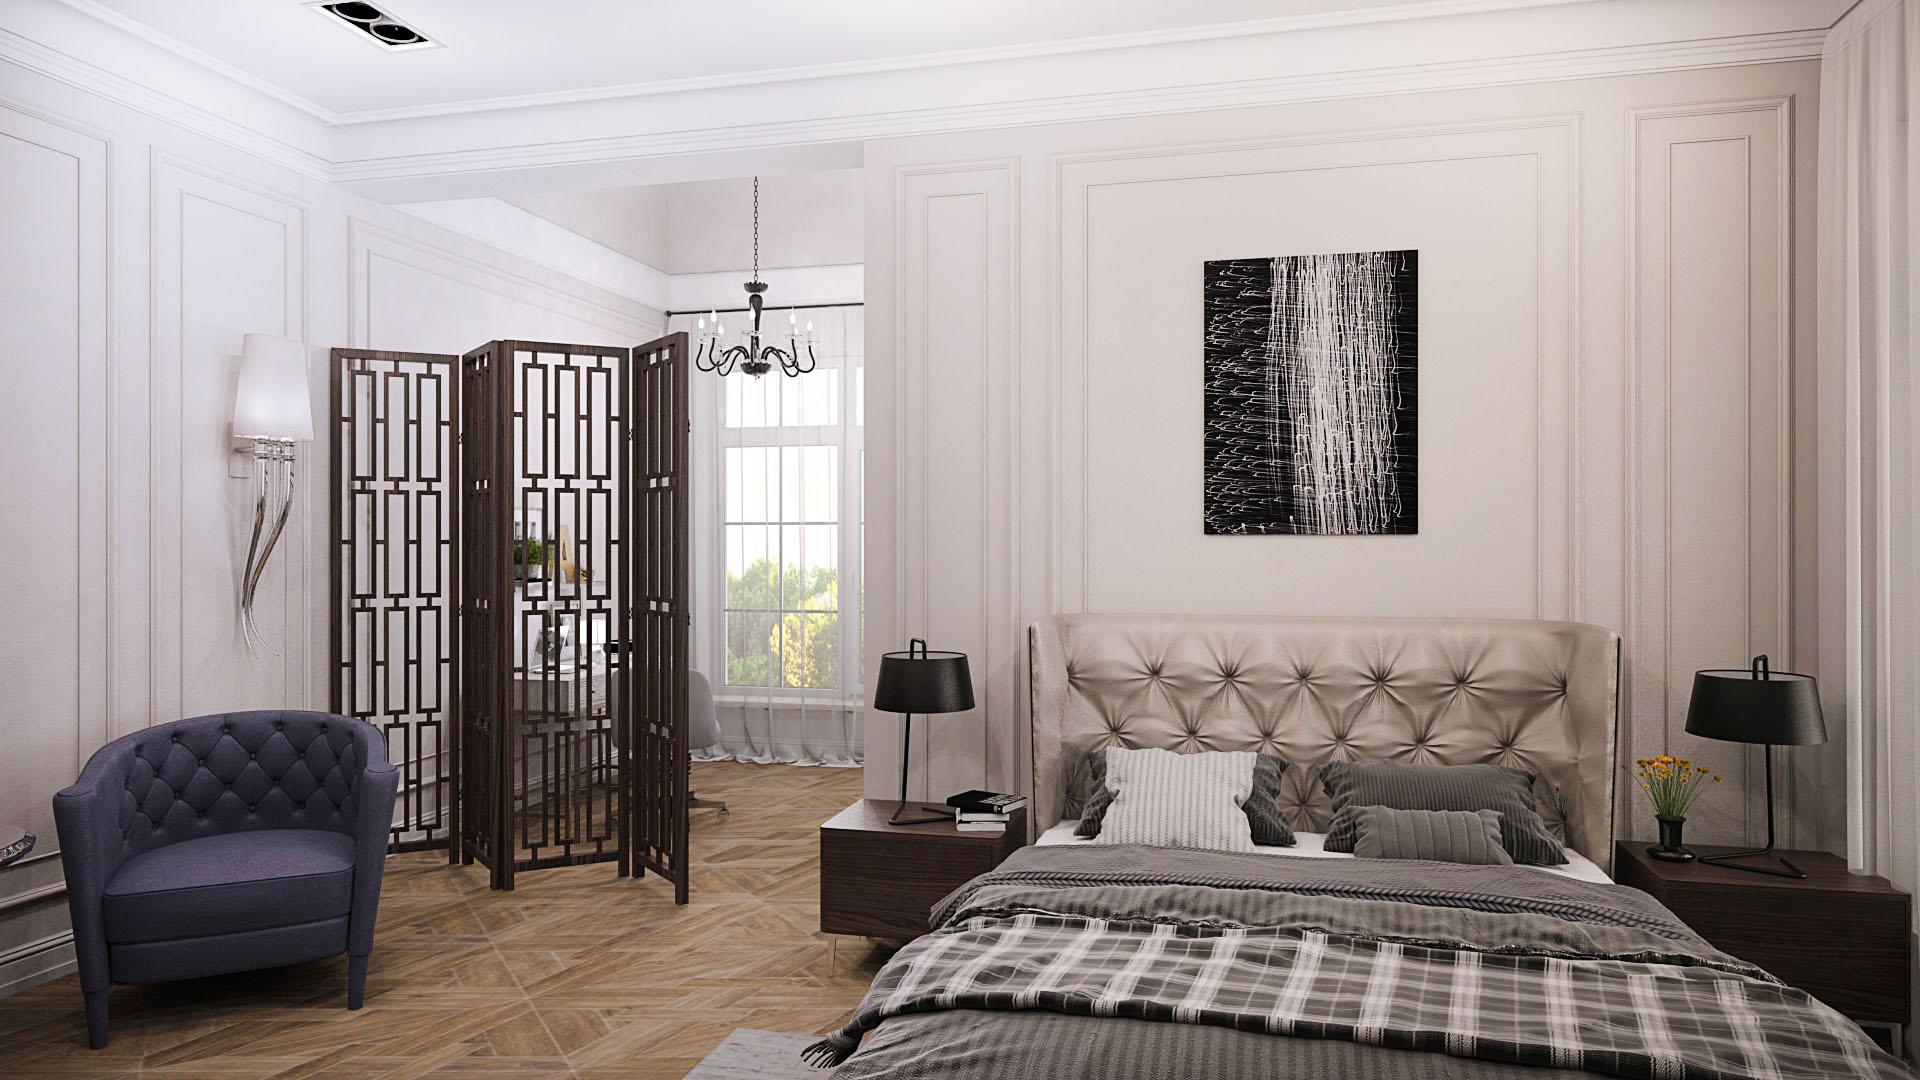 спальня в неоклассическом стиле, дизайн спальни, дизайн домов, дизайн интерьера,